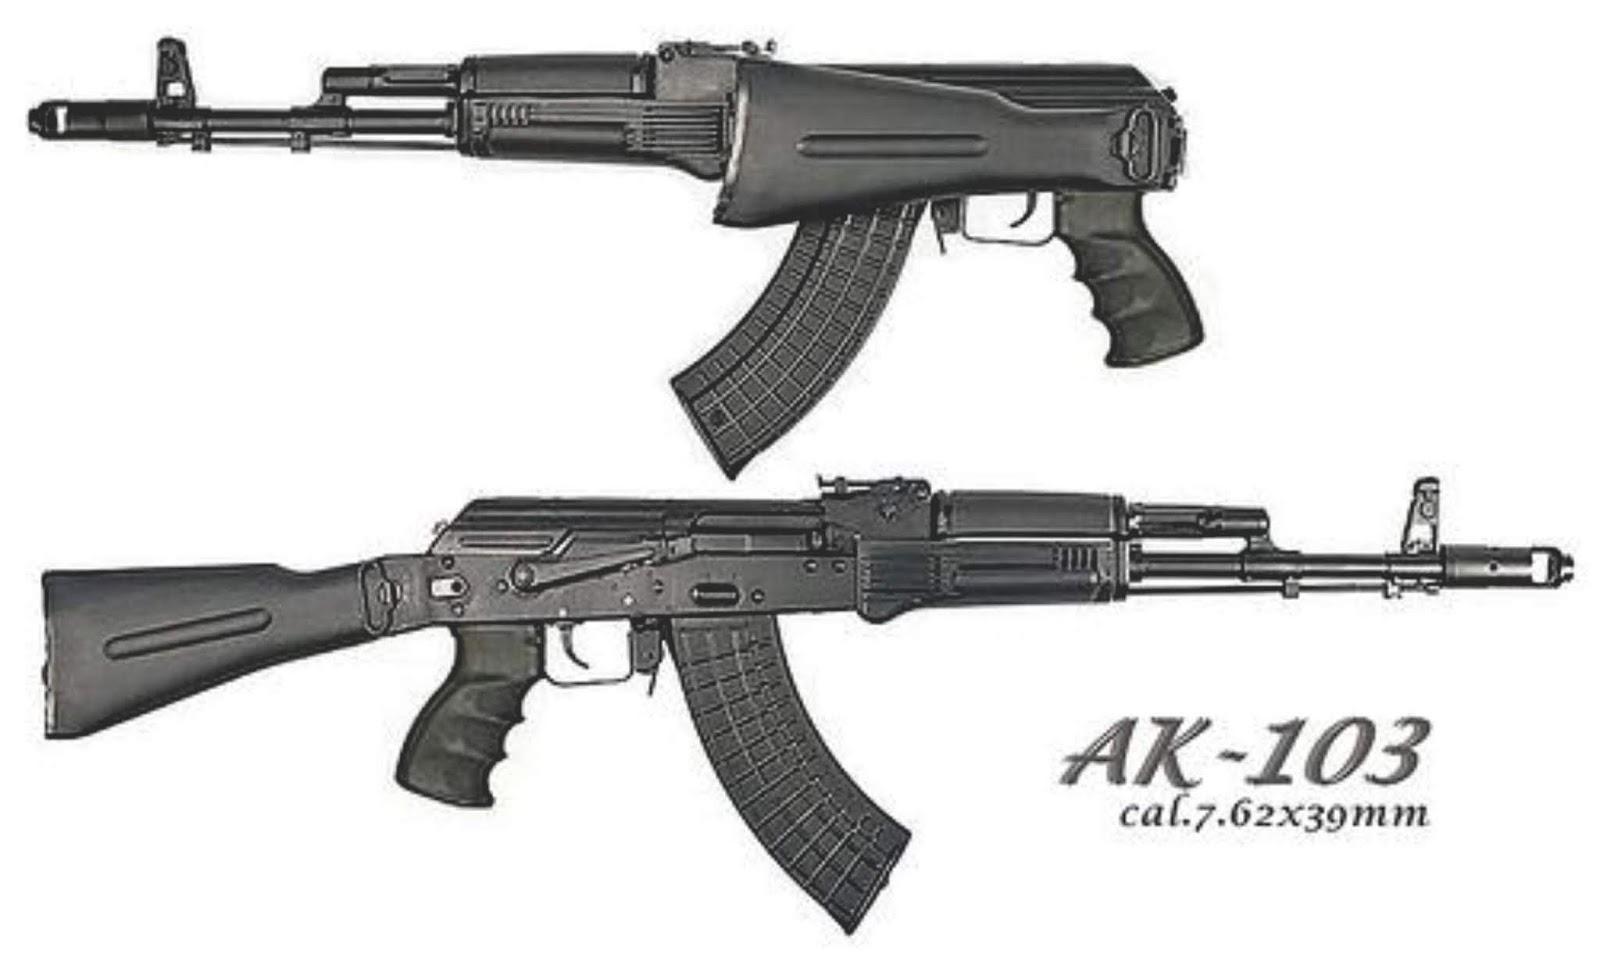 Pemerintah India menolak perusahaan patungan untuk produksi senapan AK-103